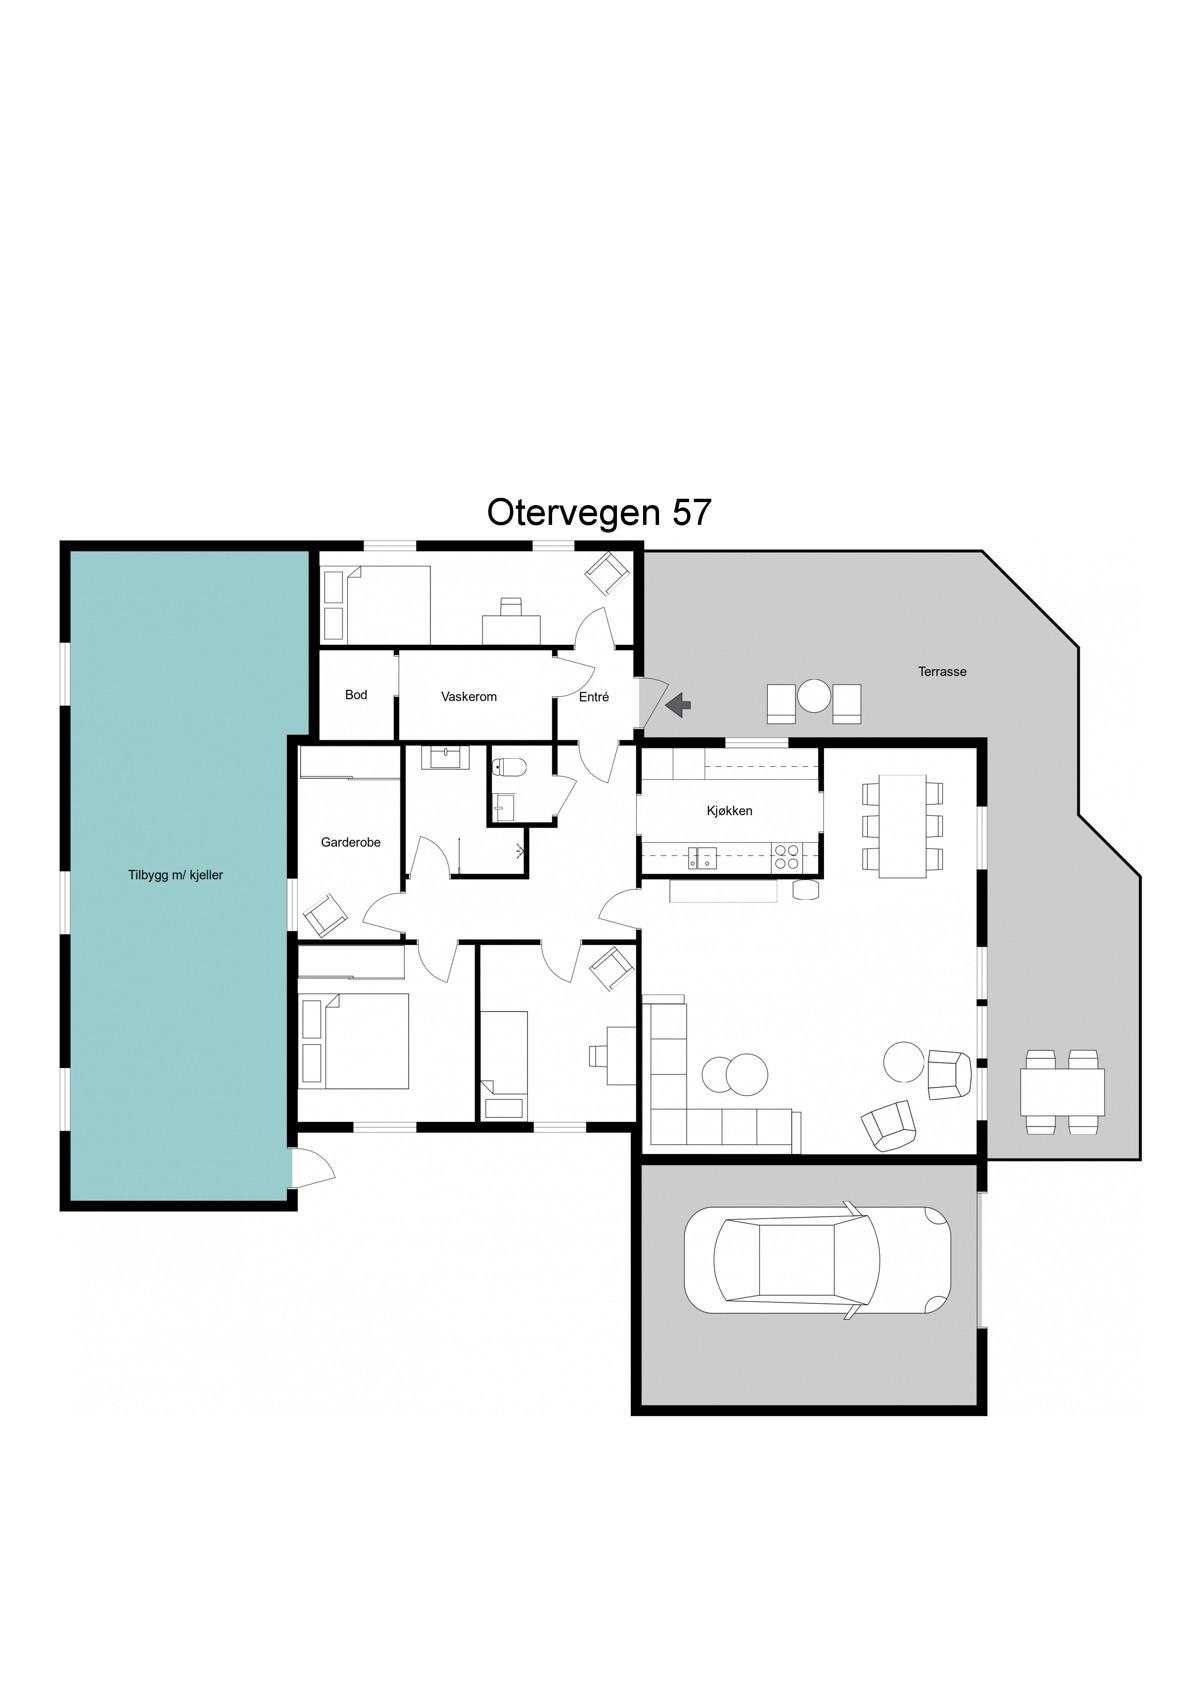 Planskisse - under tilbygg(grønt) er det en like stor underetasje med egen inngang og delvis åpent mellom etasjene slik at det kan etableres trapp.